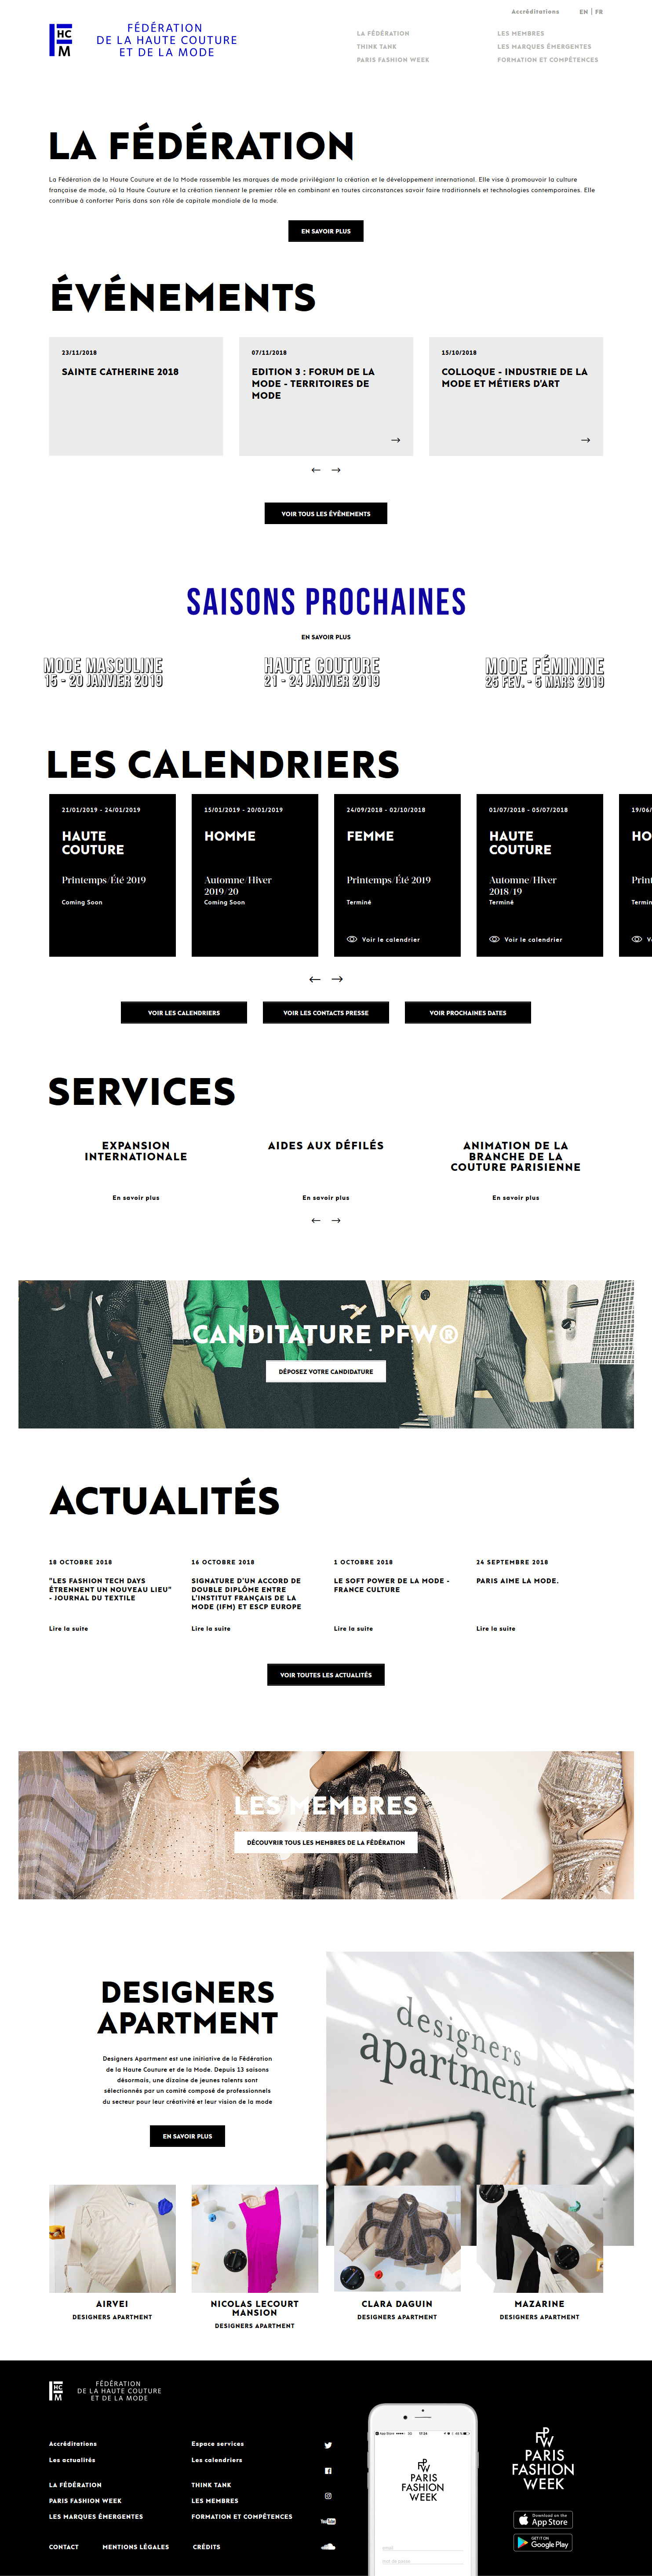 Page d'accueil FHCM